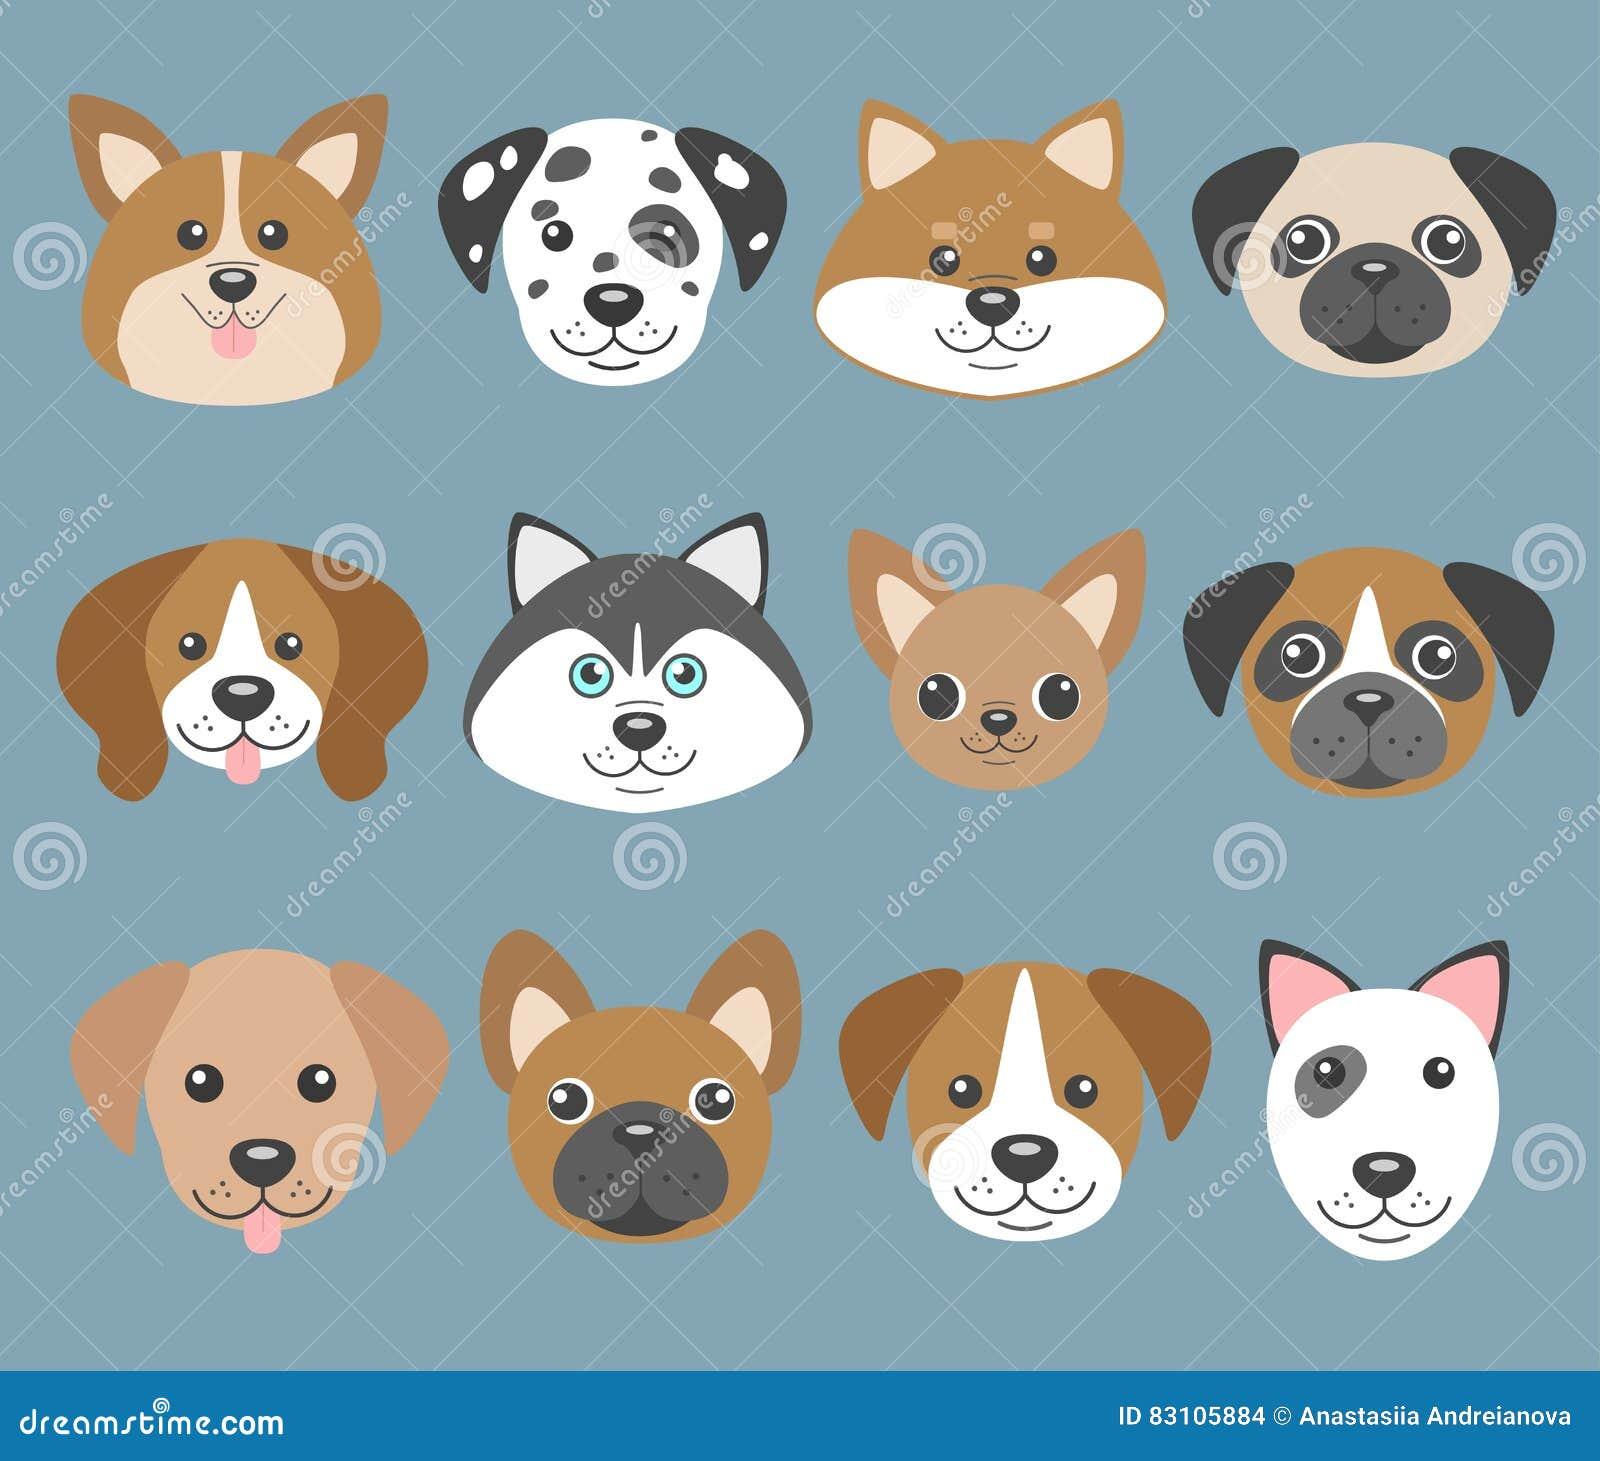 Beagle Dog Picture Icon